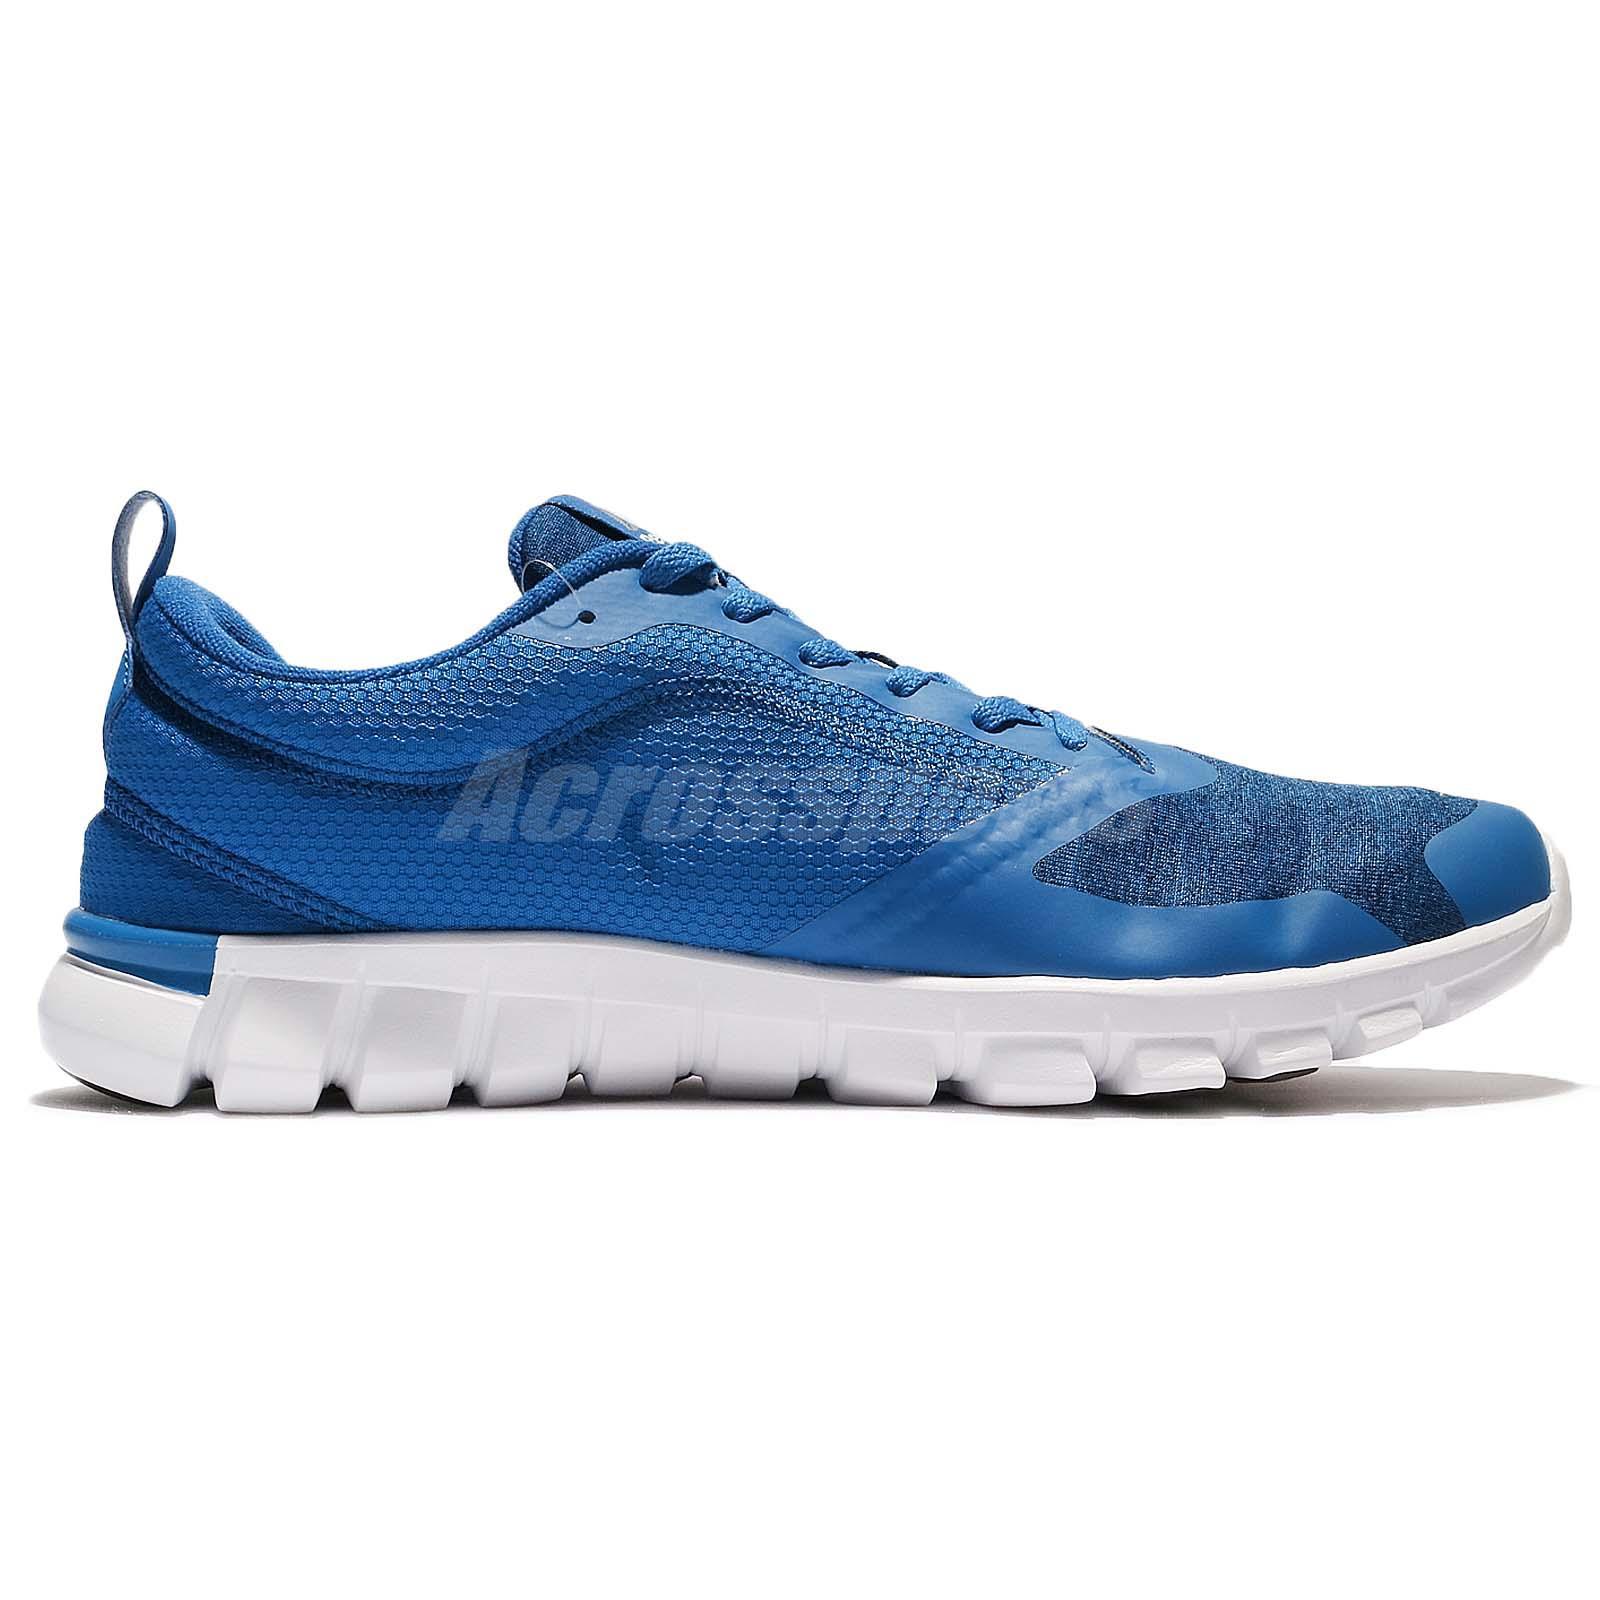 aabe7ccefc7e Reebok Sublite Authentic 4.0 Azul Blanco Zapatos de entrenamiento ...